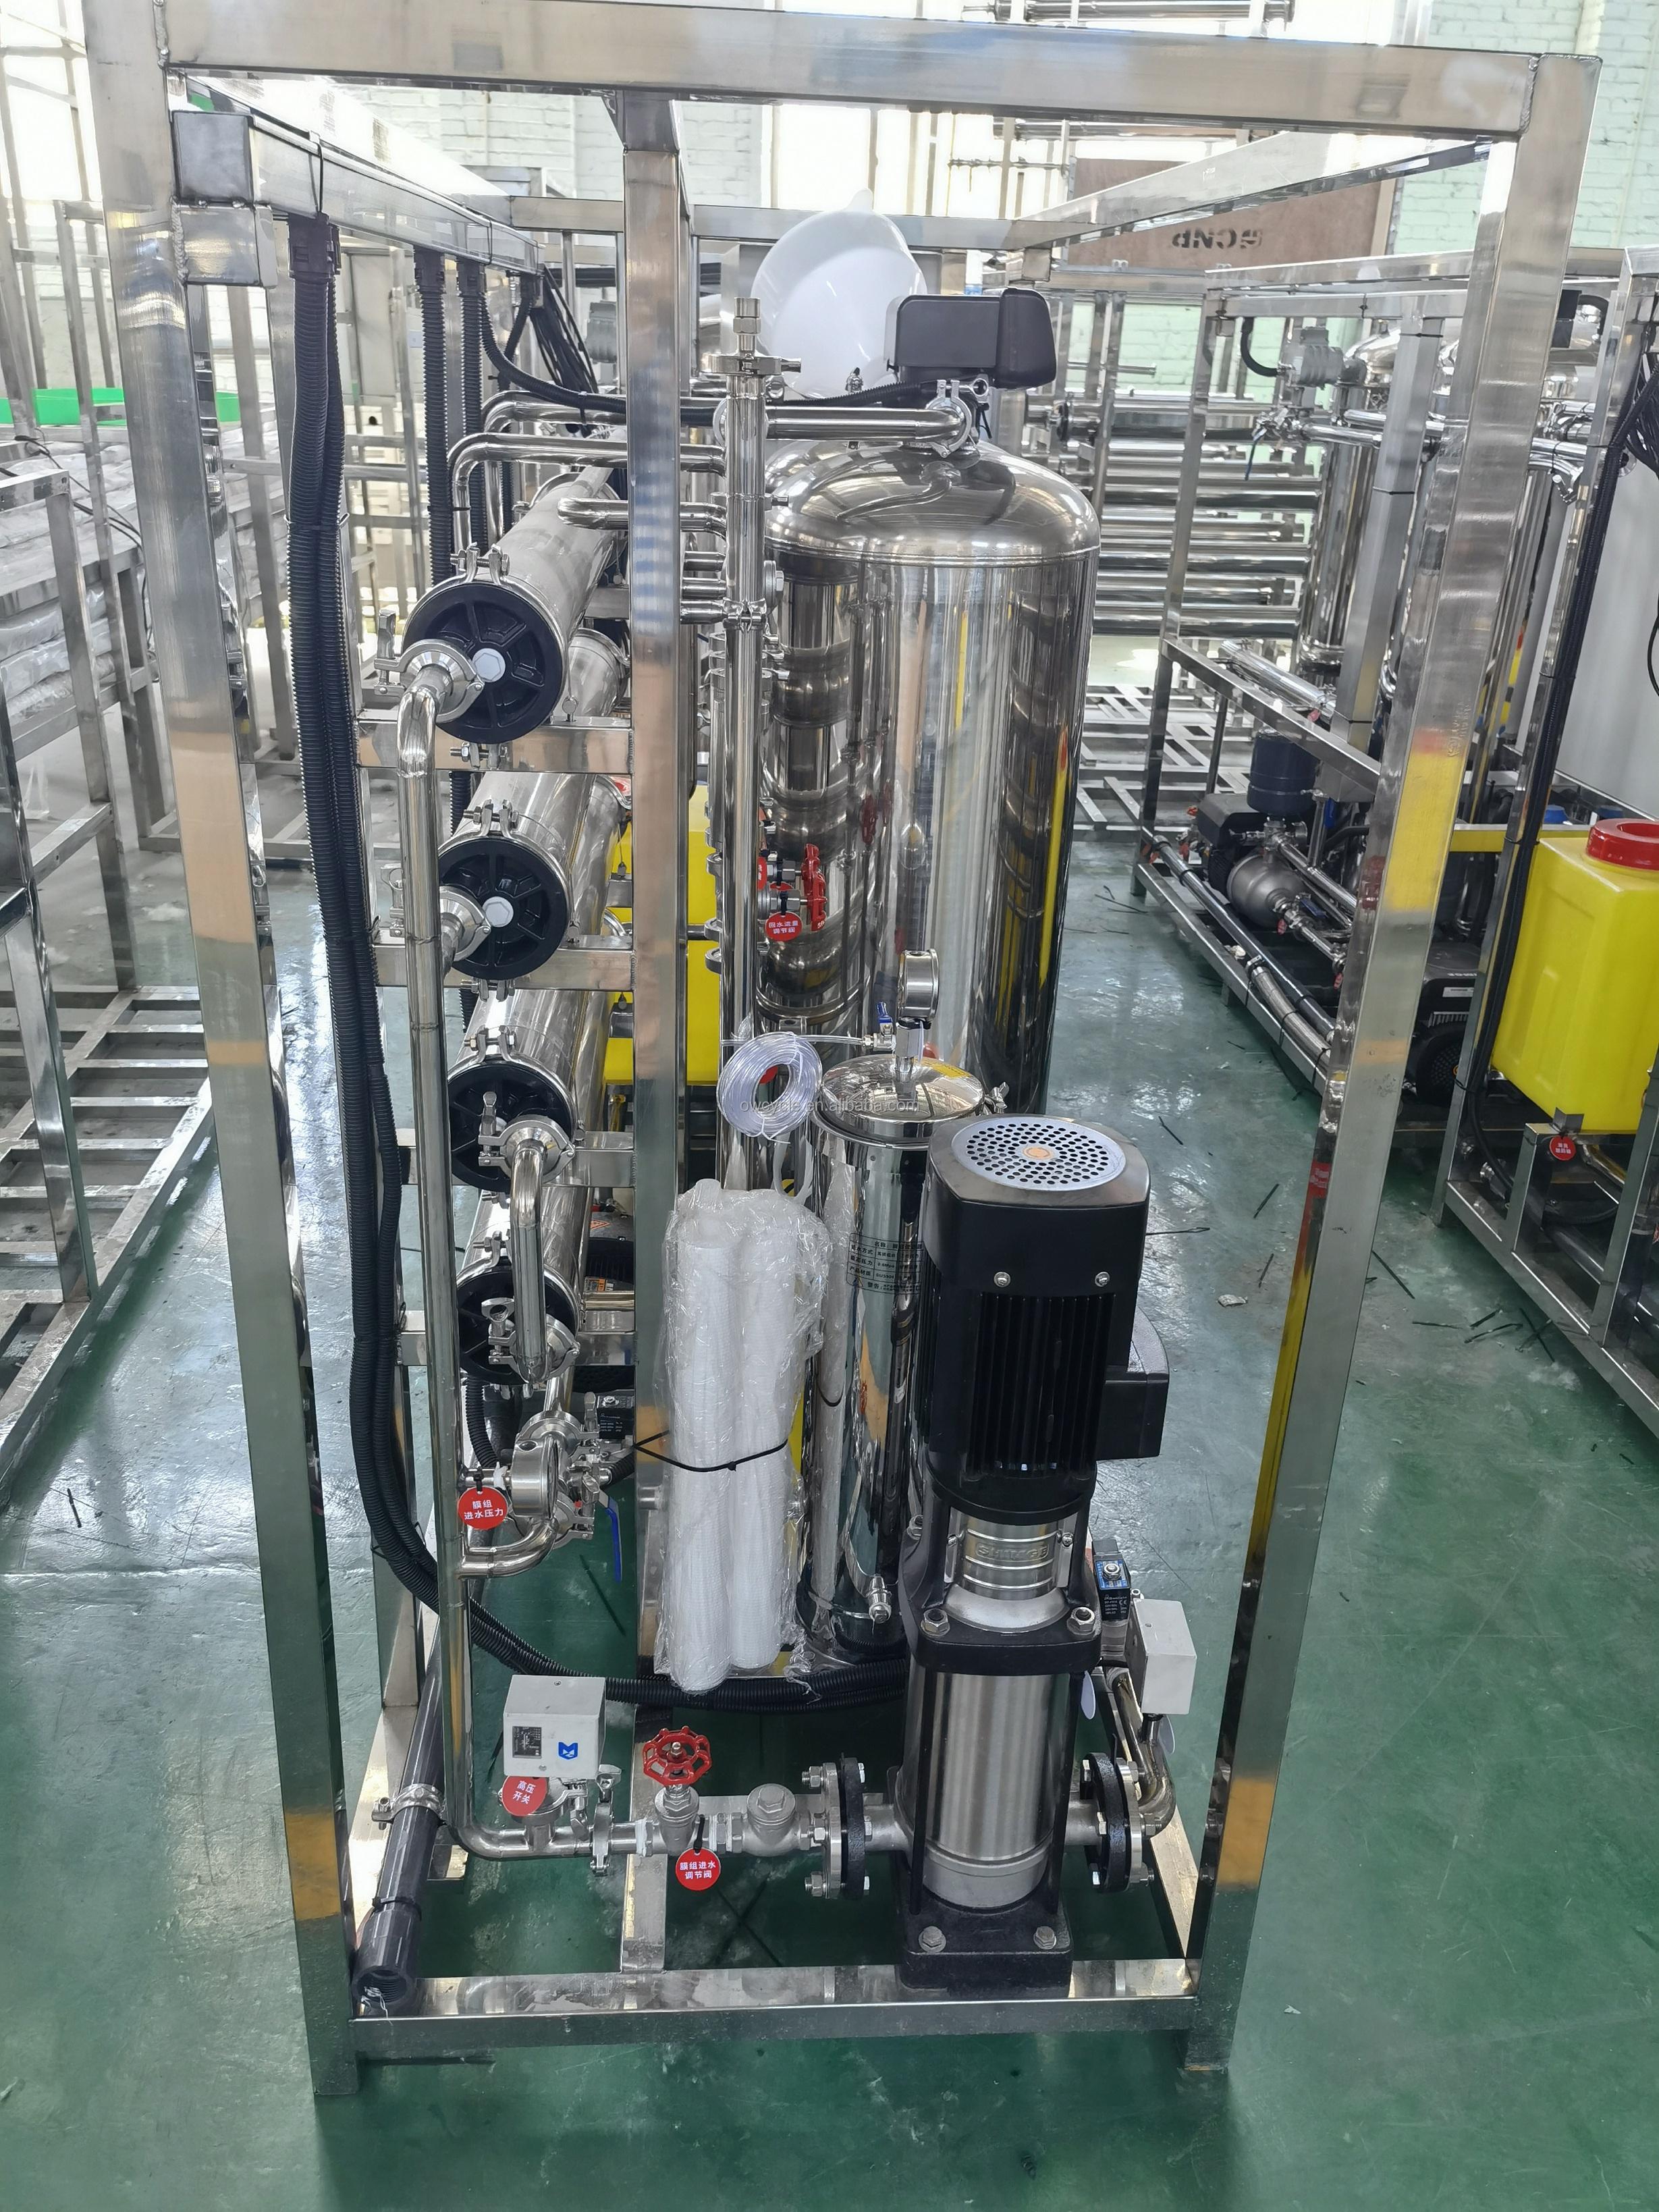 Коммерческая система очистки воды, промышленная ультрафильтрация UF RO, система обратного осмоса для очистки воды, умная интегрированная система